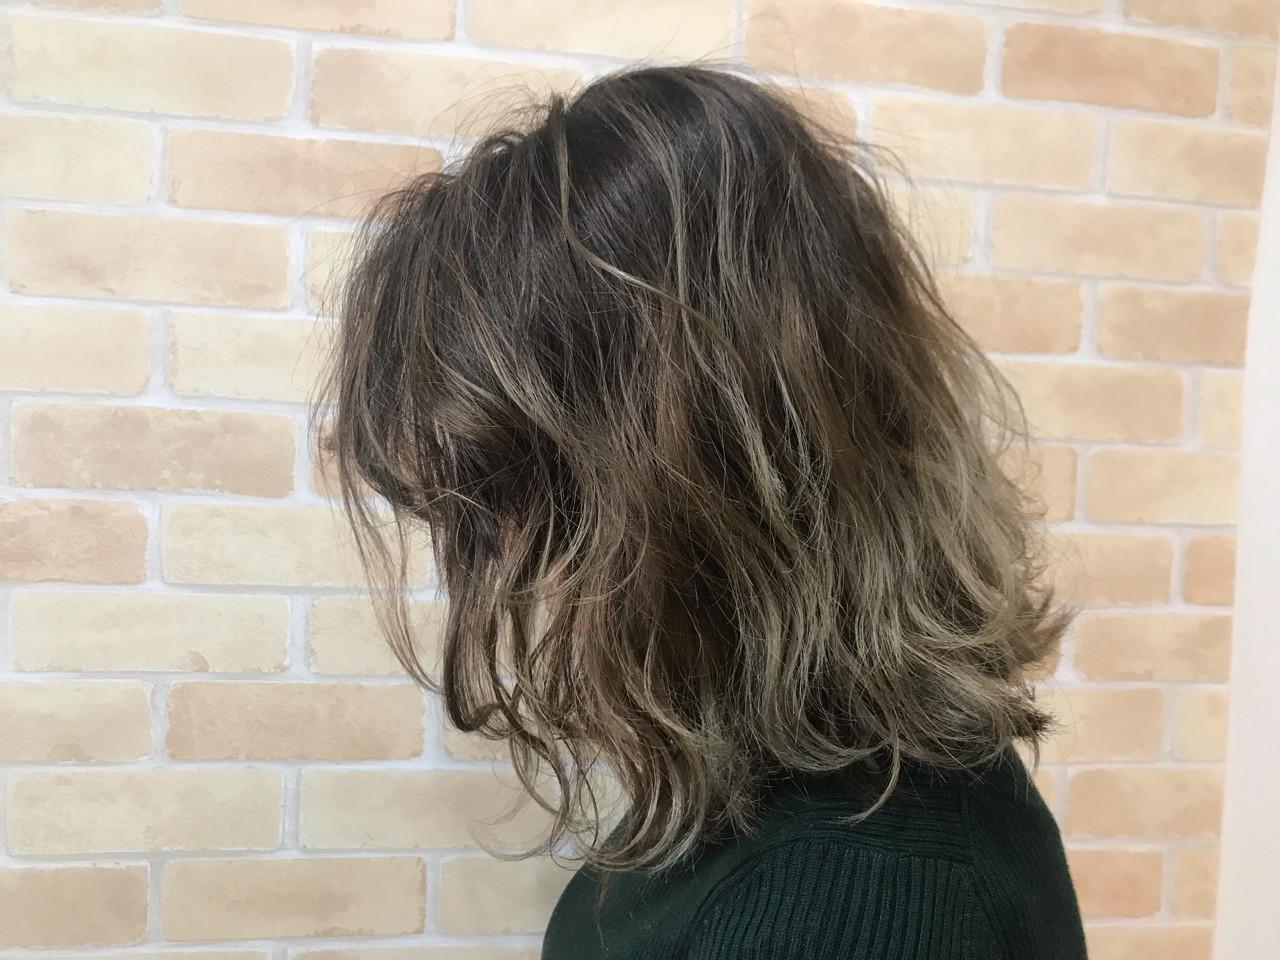 フェミニン 簡単ヘアアレンジ ヘアアレンジ アンニュイほつれヘア ヘアスタイルや髪型の写真・画像